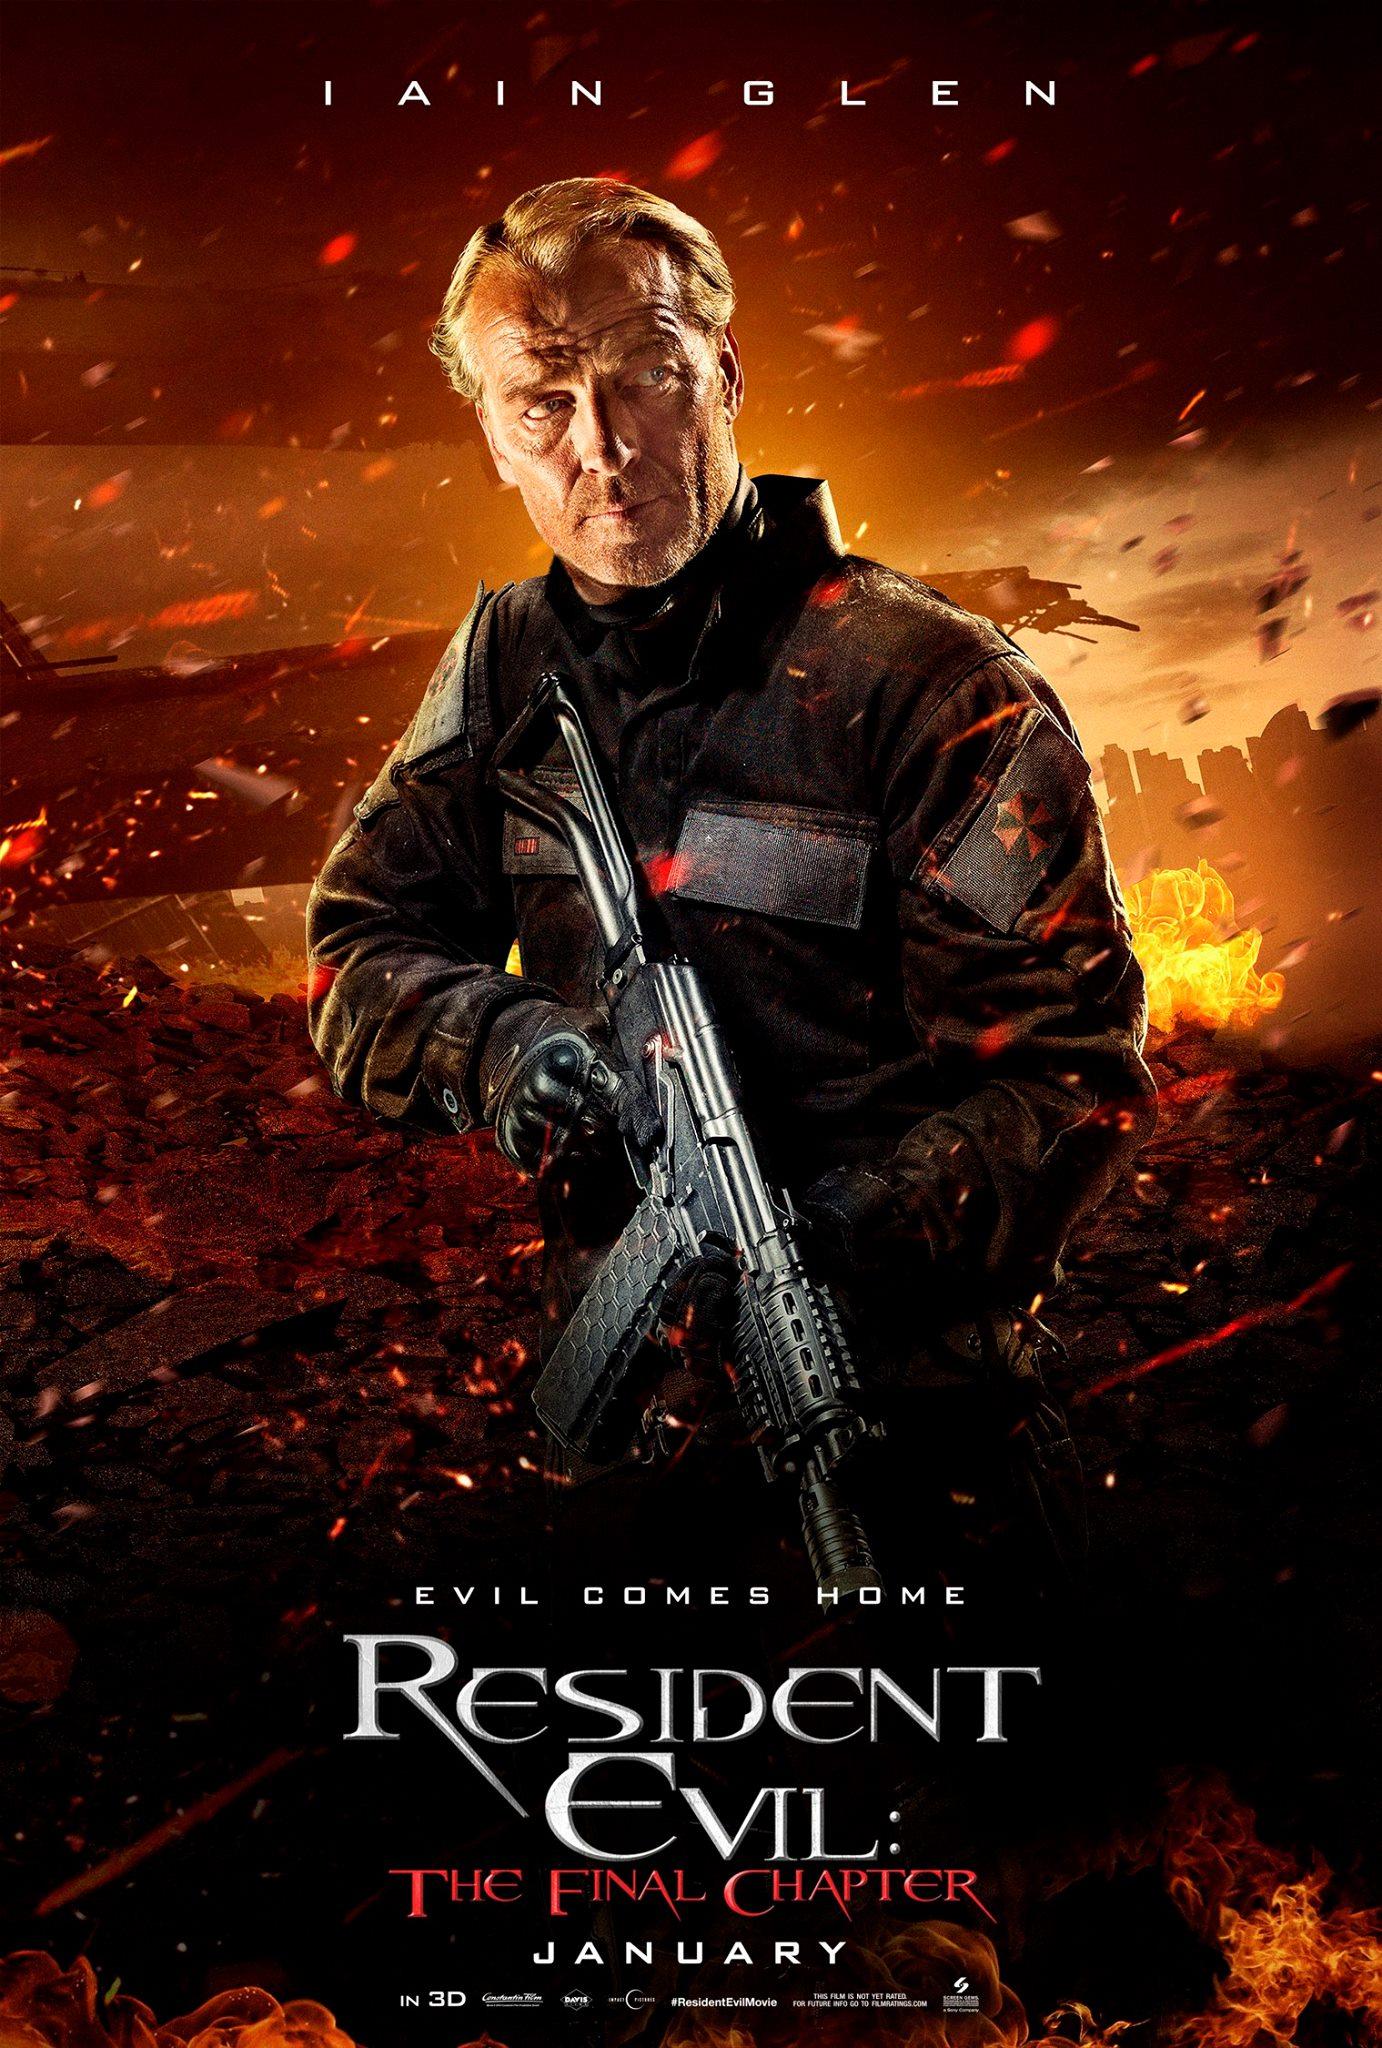 Resident Evcil The Final Chapter Vorschau Charakterposter 4